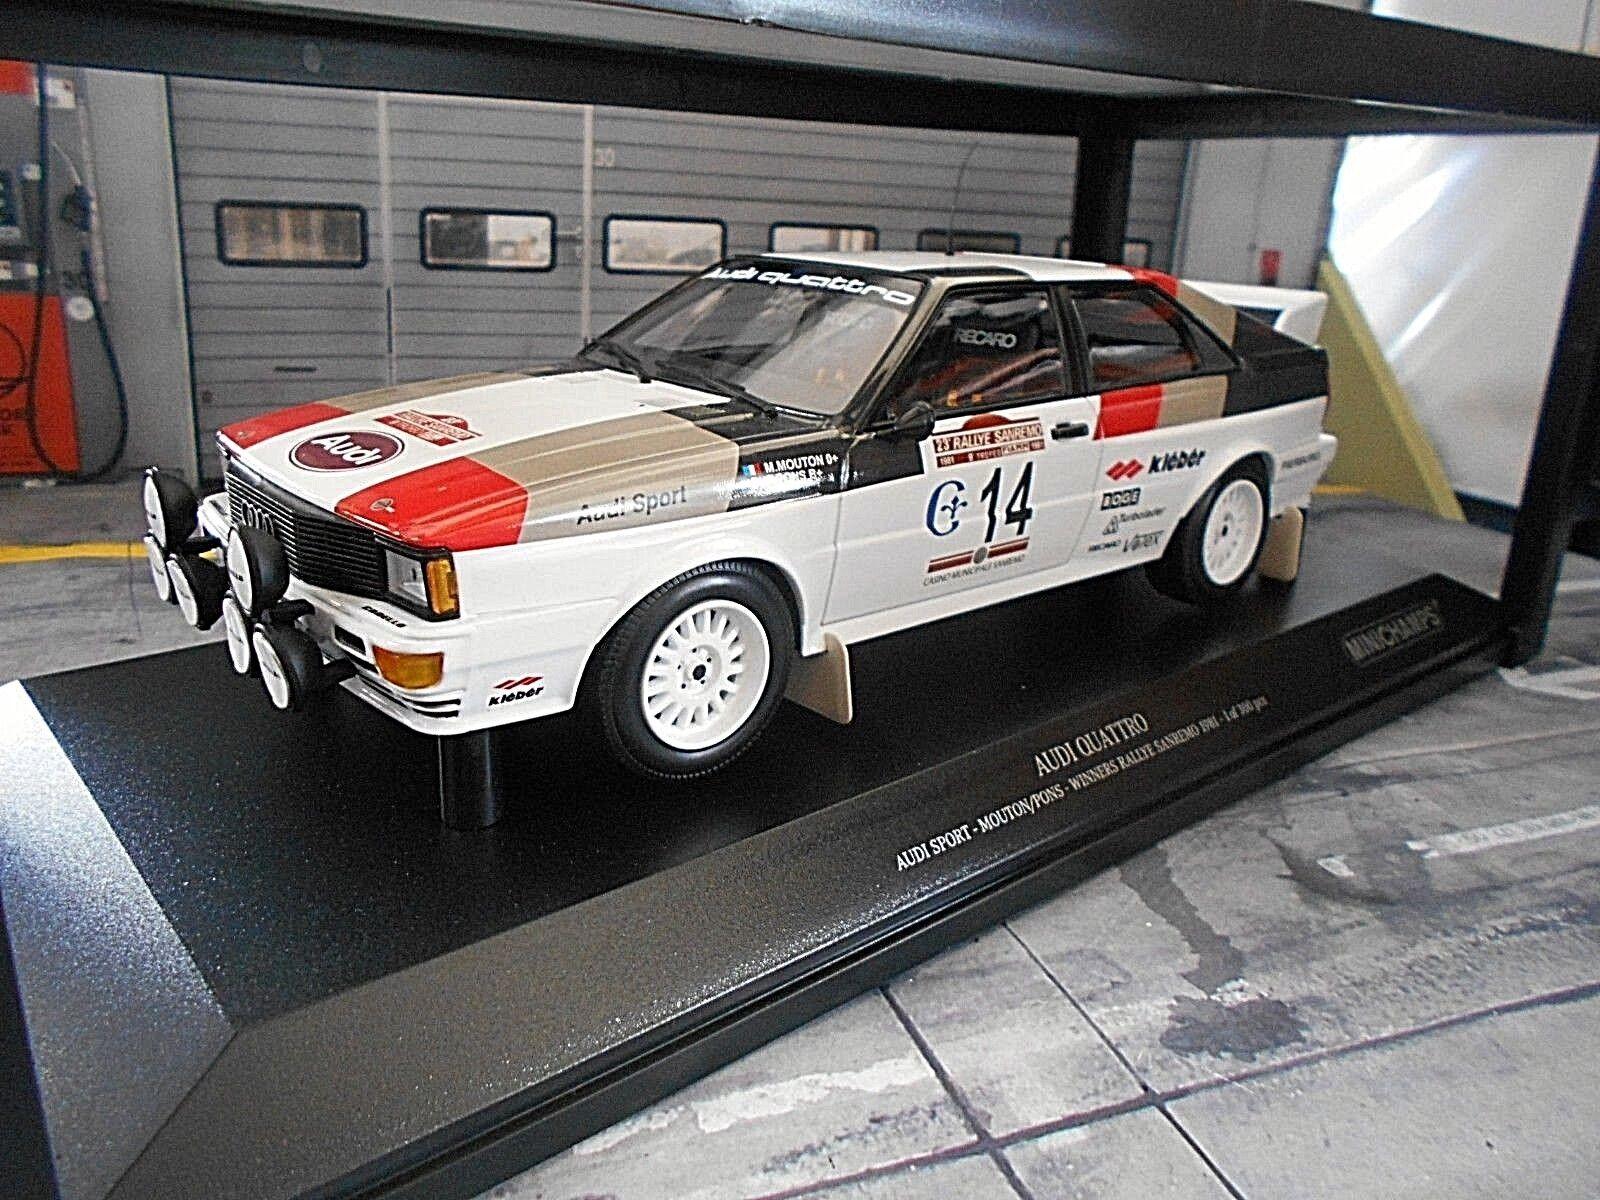 AUDI QUATTRO RALLY mis. 4 San Remo WINNER 1981  14 Mouton NUOVO Minichamps 1:18